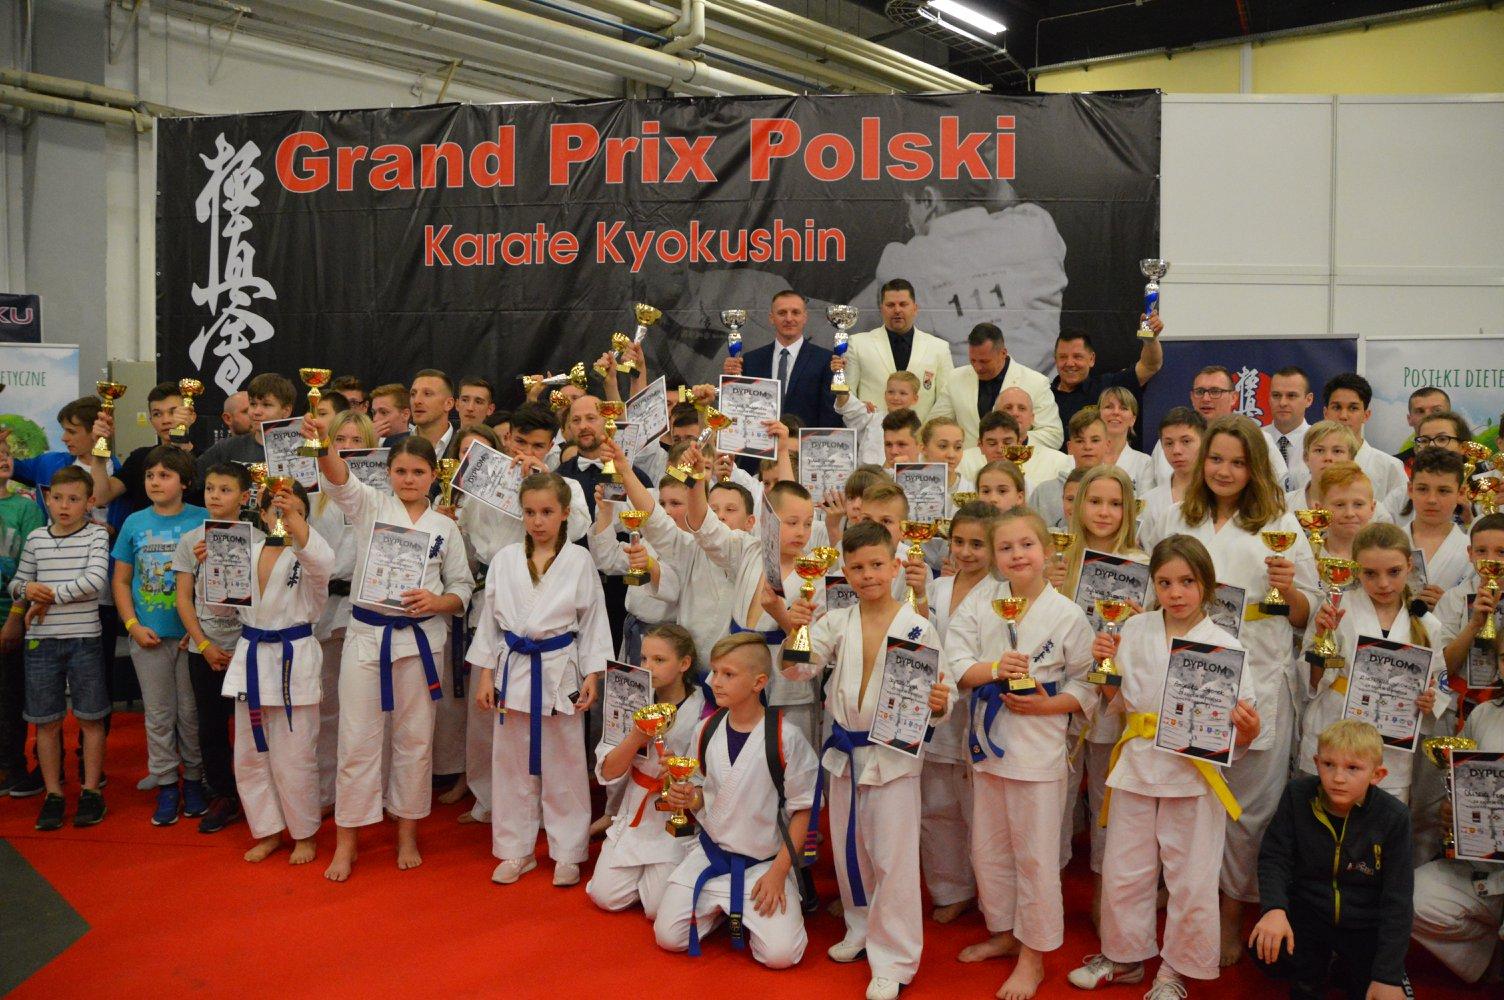 wspólne zdjęcie zwyciężców II Grand Prix Polski Kyokushin Karate IKO Nakamura w Kielcach